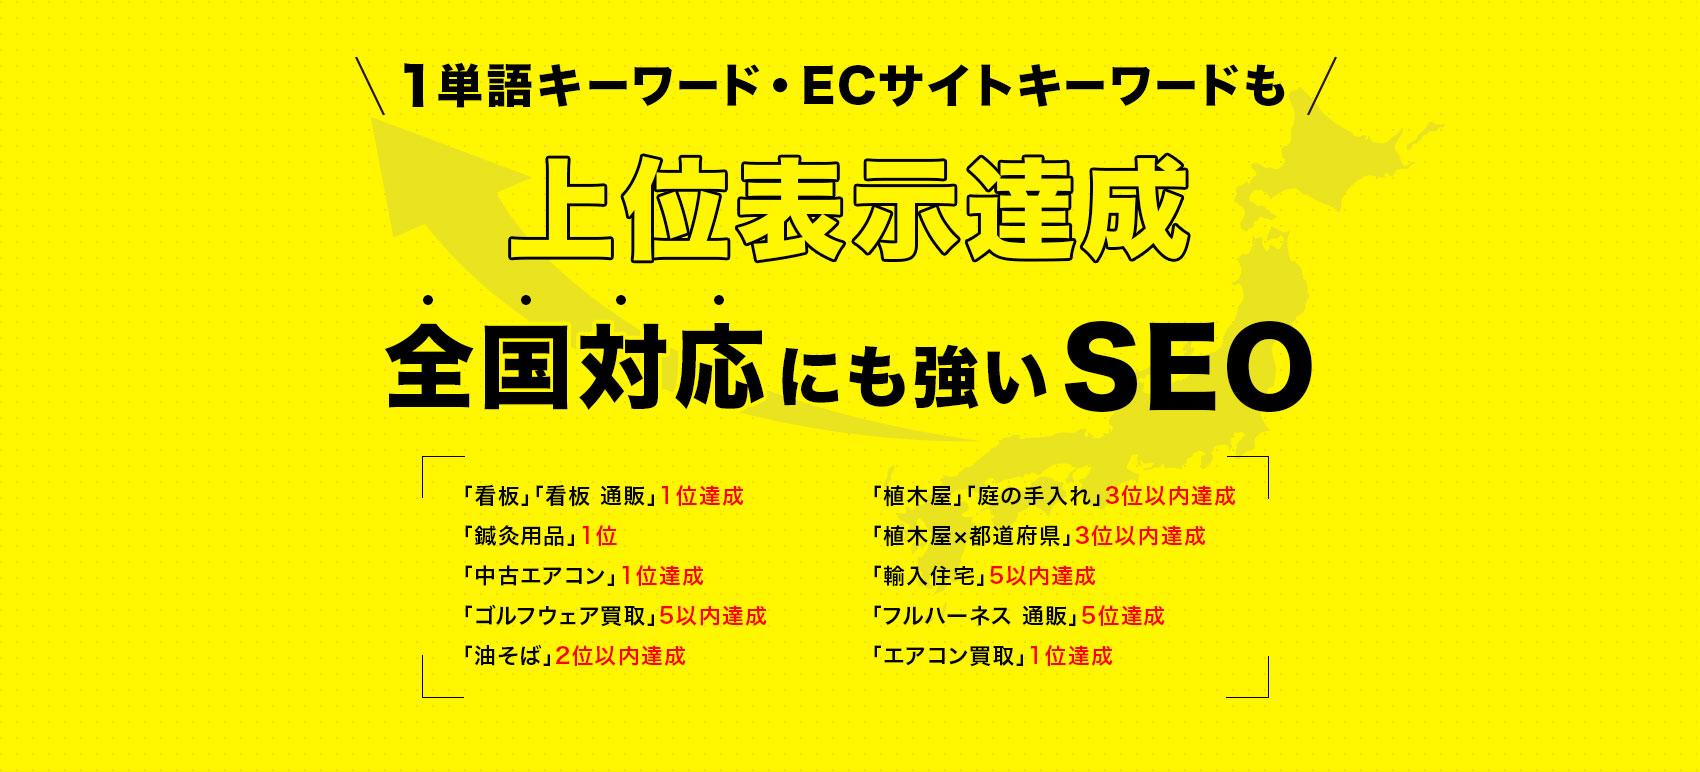 1単語キーワード・ECサイトキーワードも上位表示達成 全国対応にも強いSEO